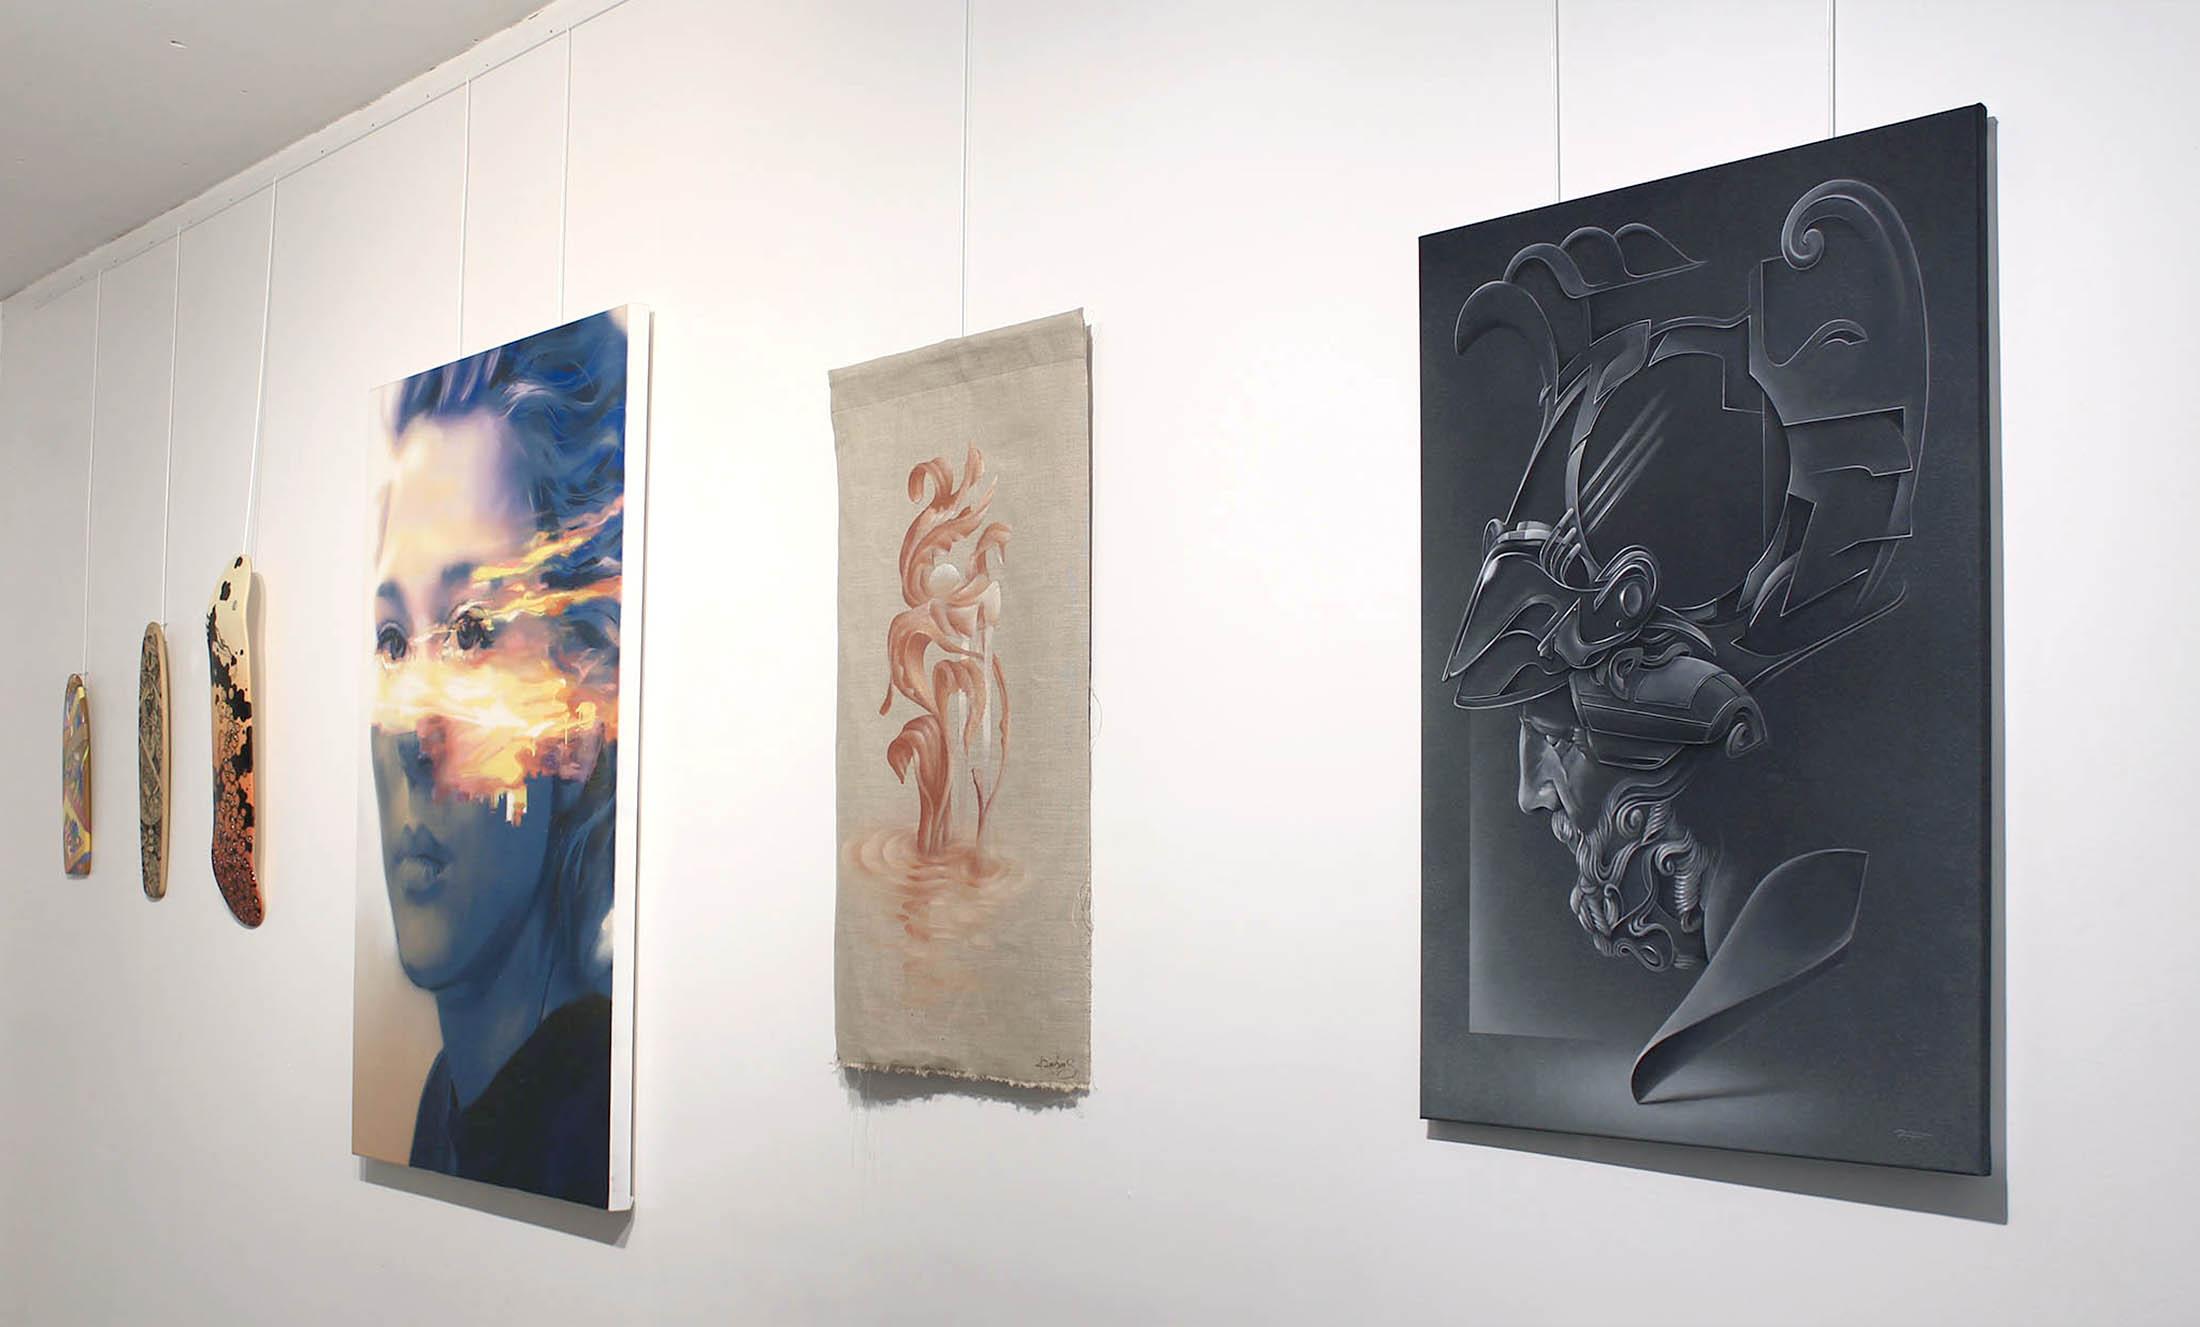 https://www.propaganza.be/wp-content/uploads/2019/04/Propaganza-Knokke-Expo-Ten-Gallery-graffiti-street-art-6.jpg